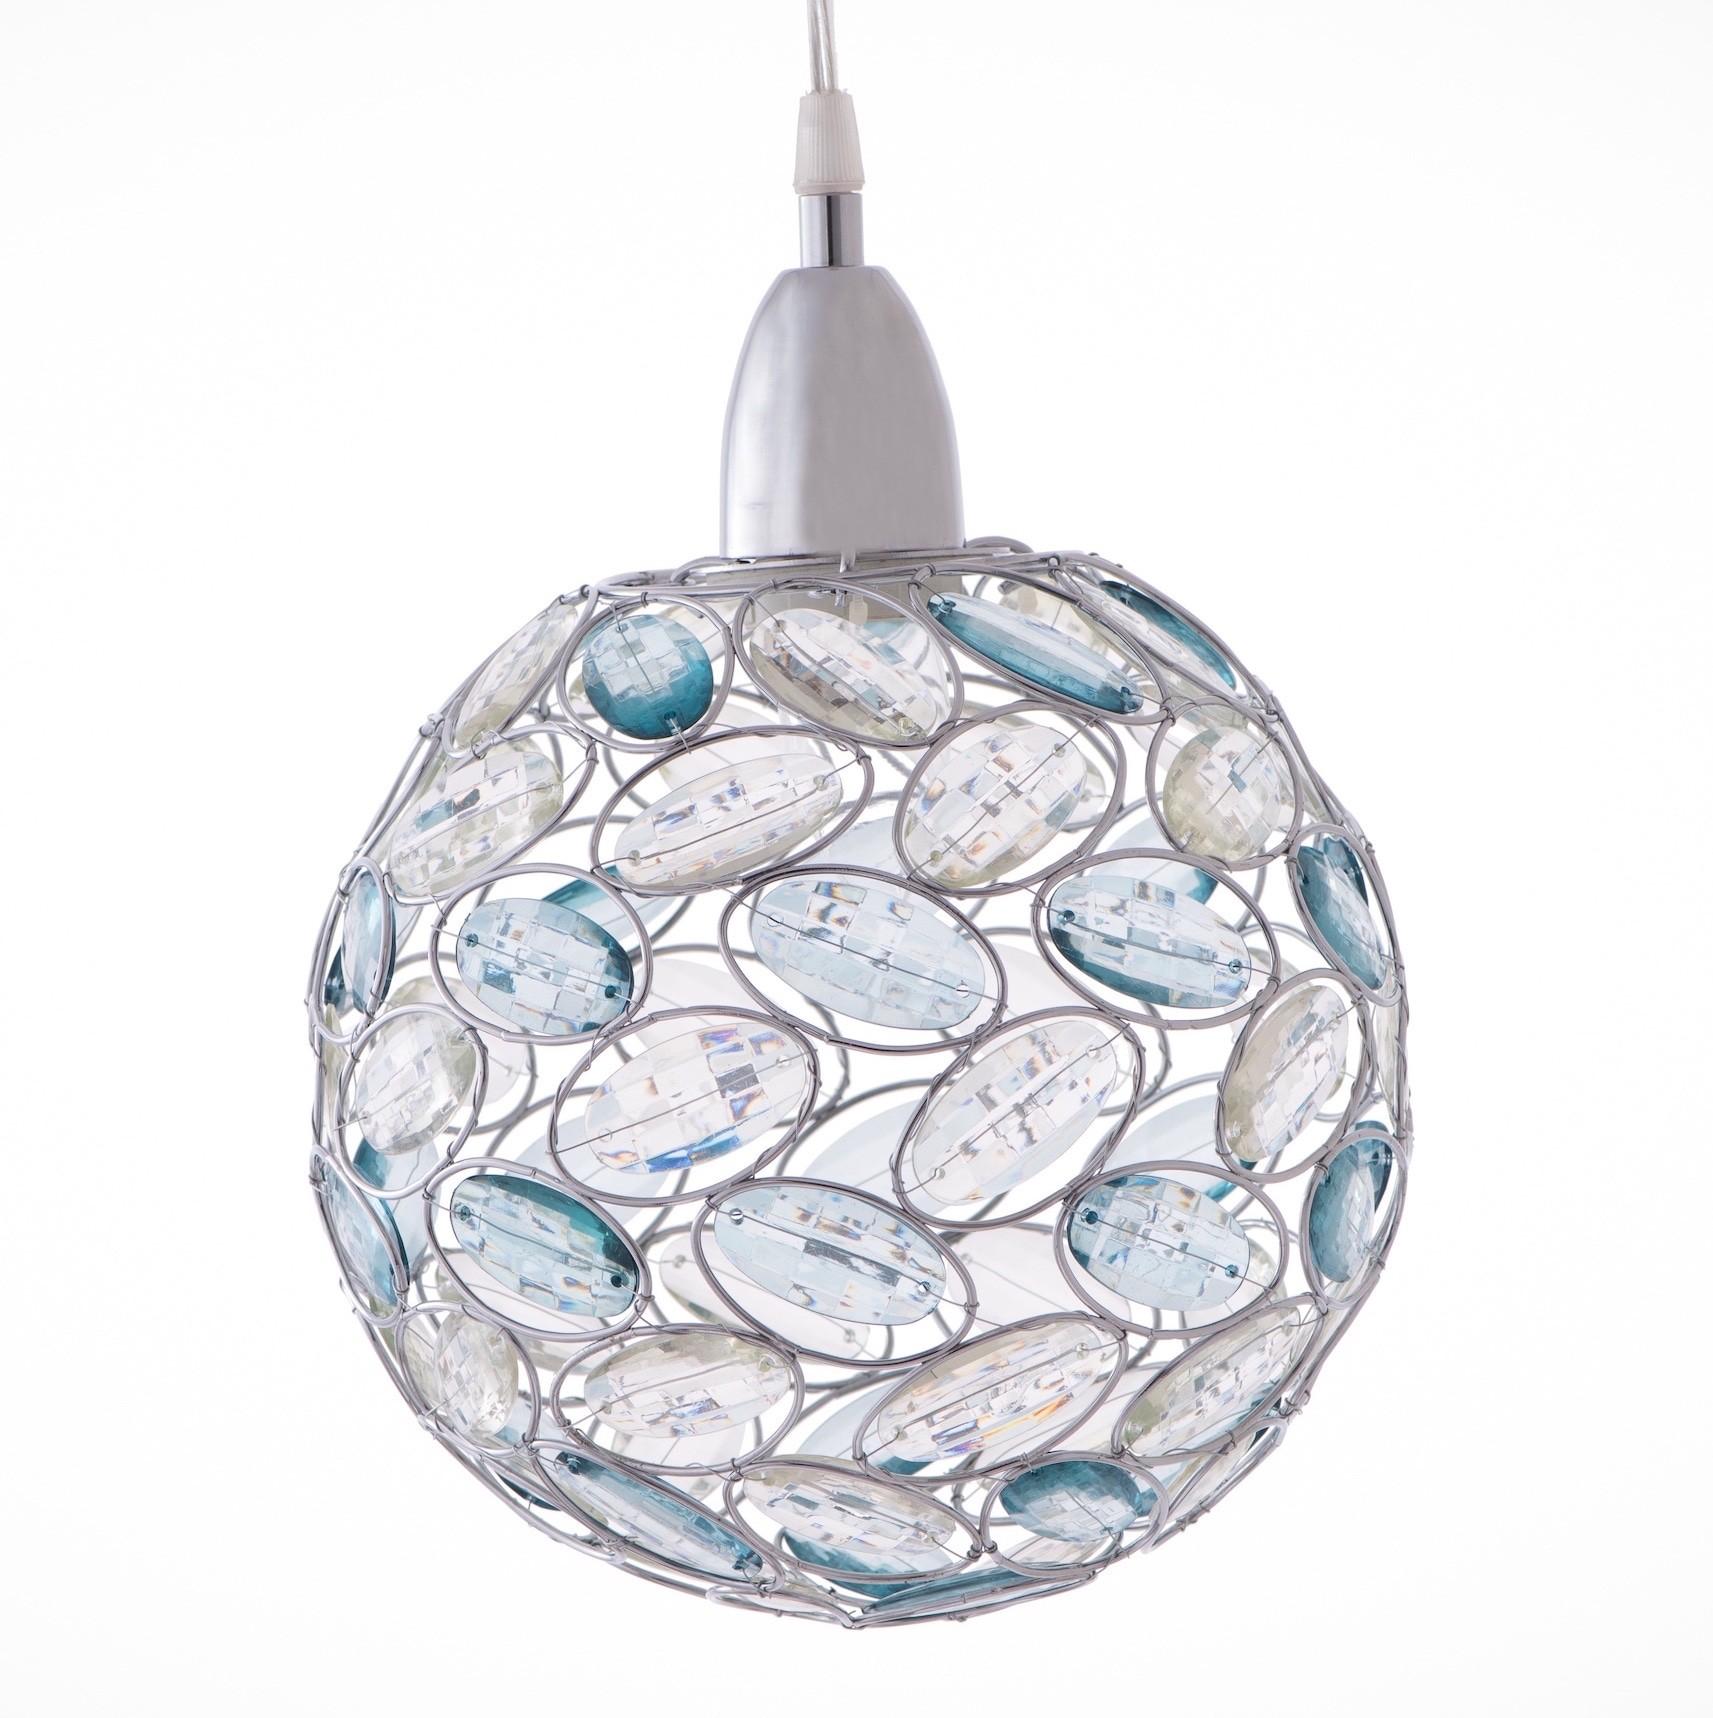 鍍鉻鴨蛋綠壓克力珠圓球吊燈-BNL00019